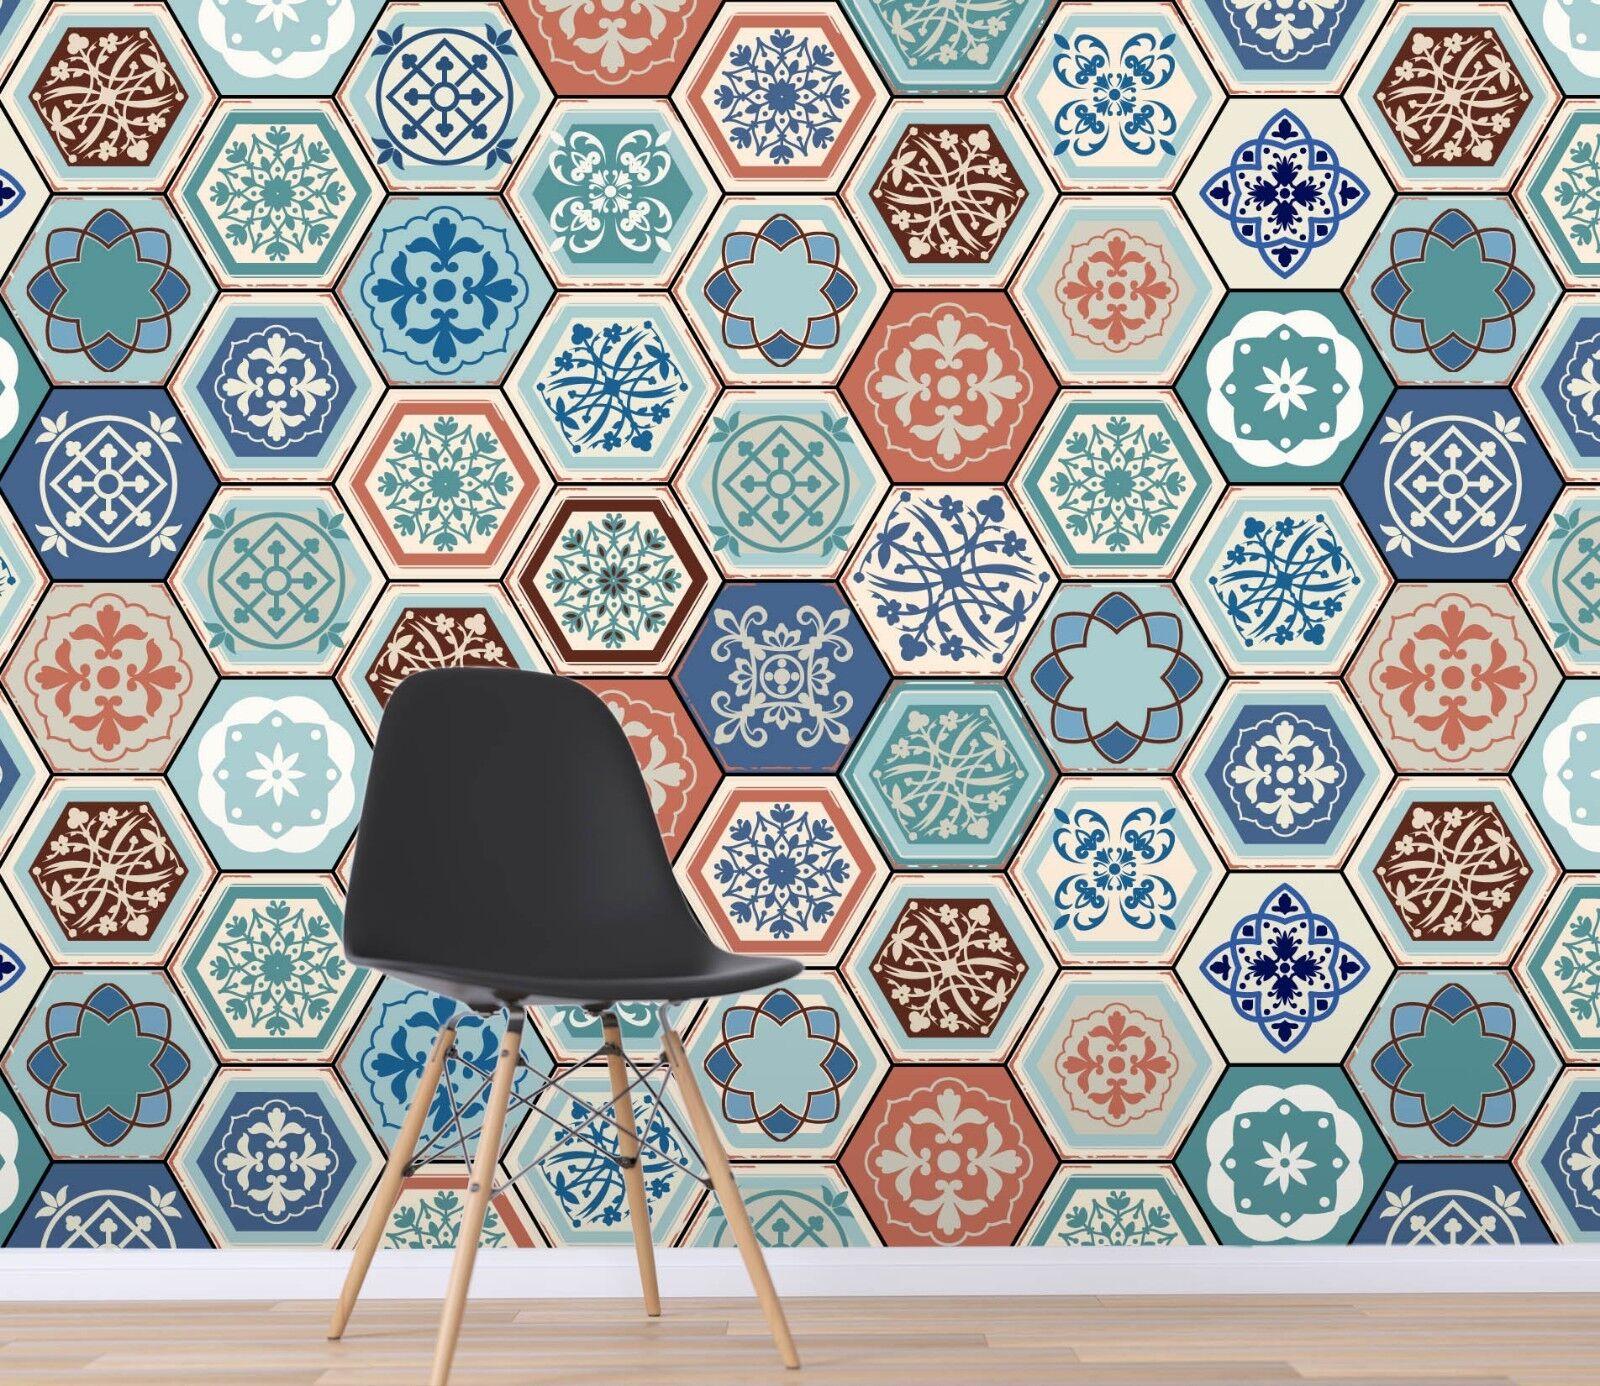 3D Polygonal Gefärbt 898 Tapete Wandgemälde Tapete Tapeten Bild Familie DE  | In hohem Grade geschätzt und weit vertrautes herein und heraus  | Deutschland Store  | Verkauf Online-Shop